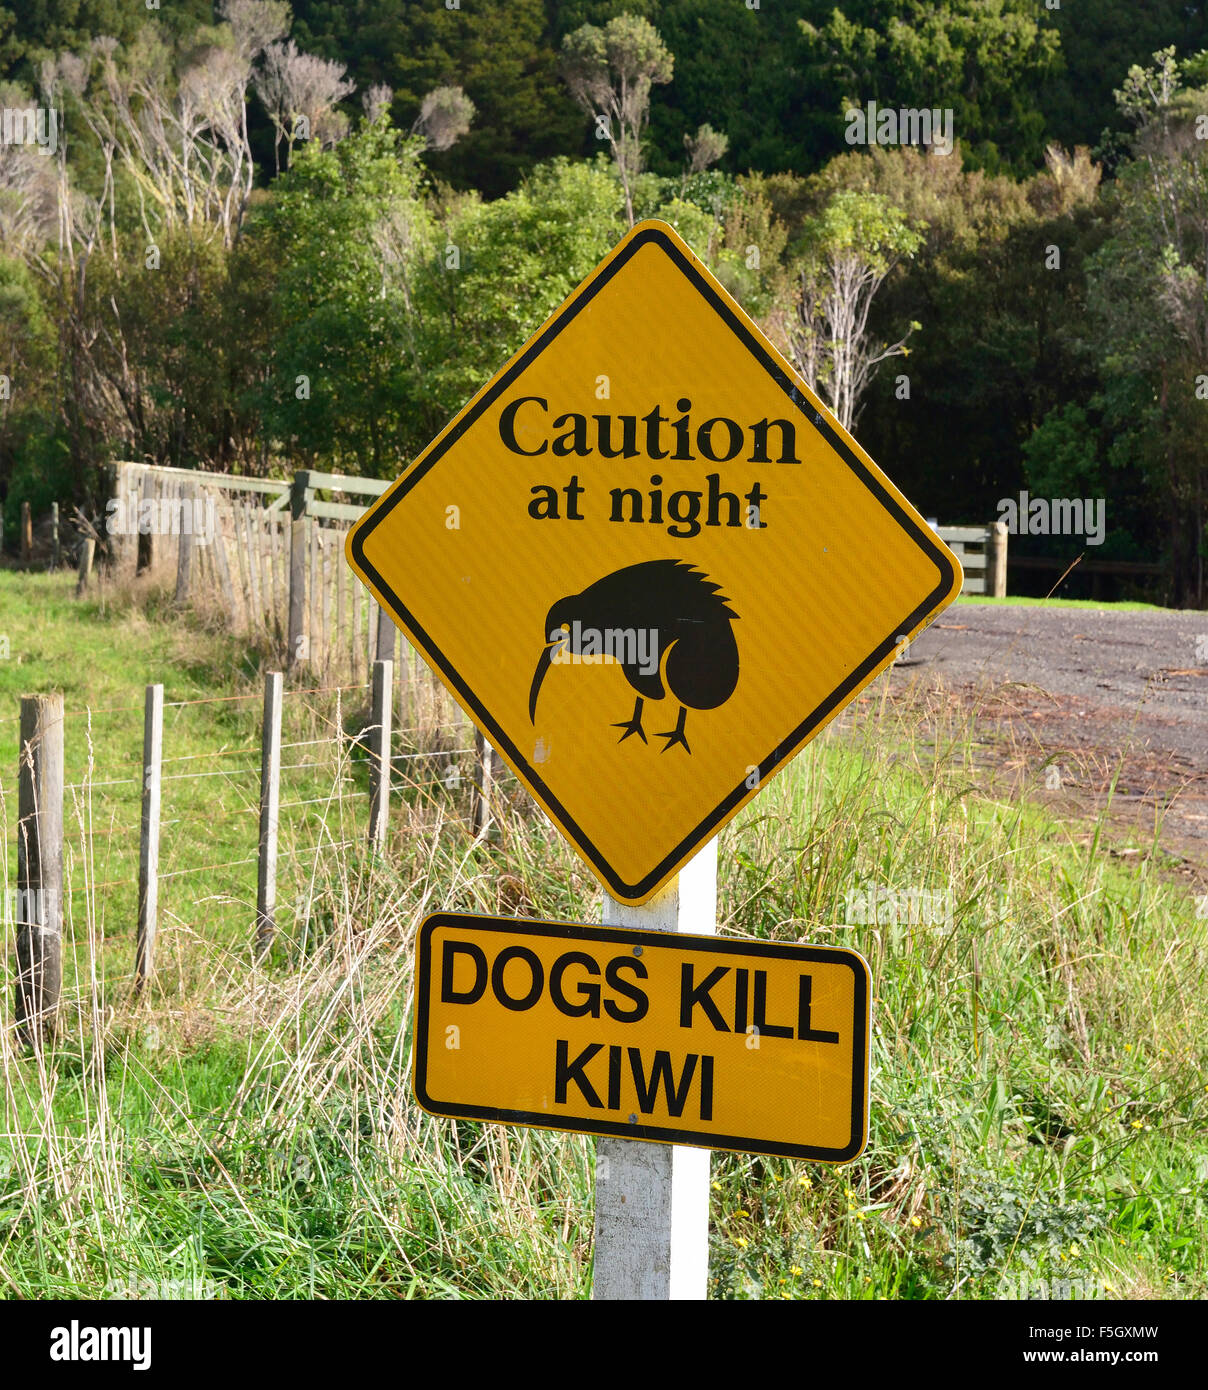 Attenzione cartello stradale plus consigli secondari per evitare i decessi di uccello Kiwi intorno al loro habitat Immagini Stock